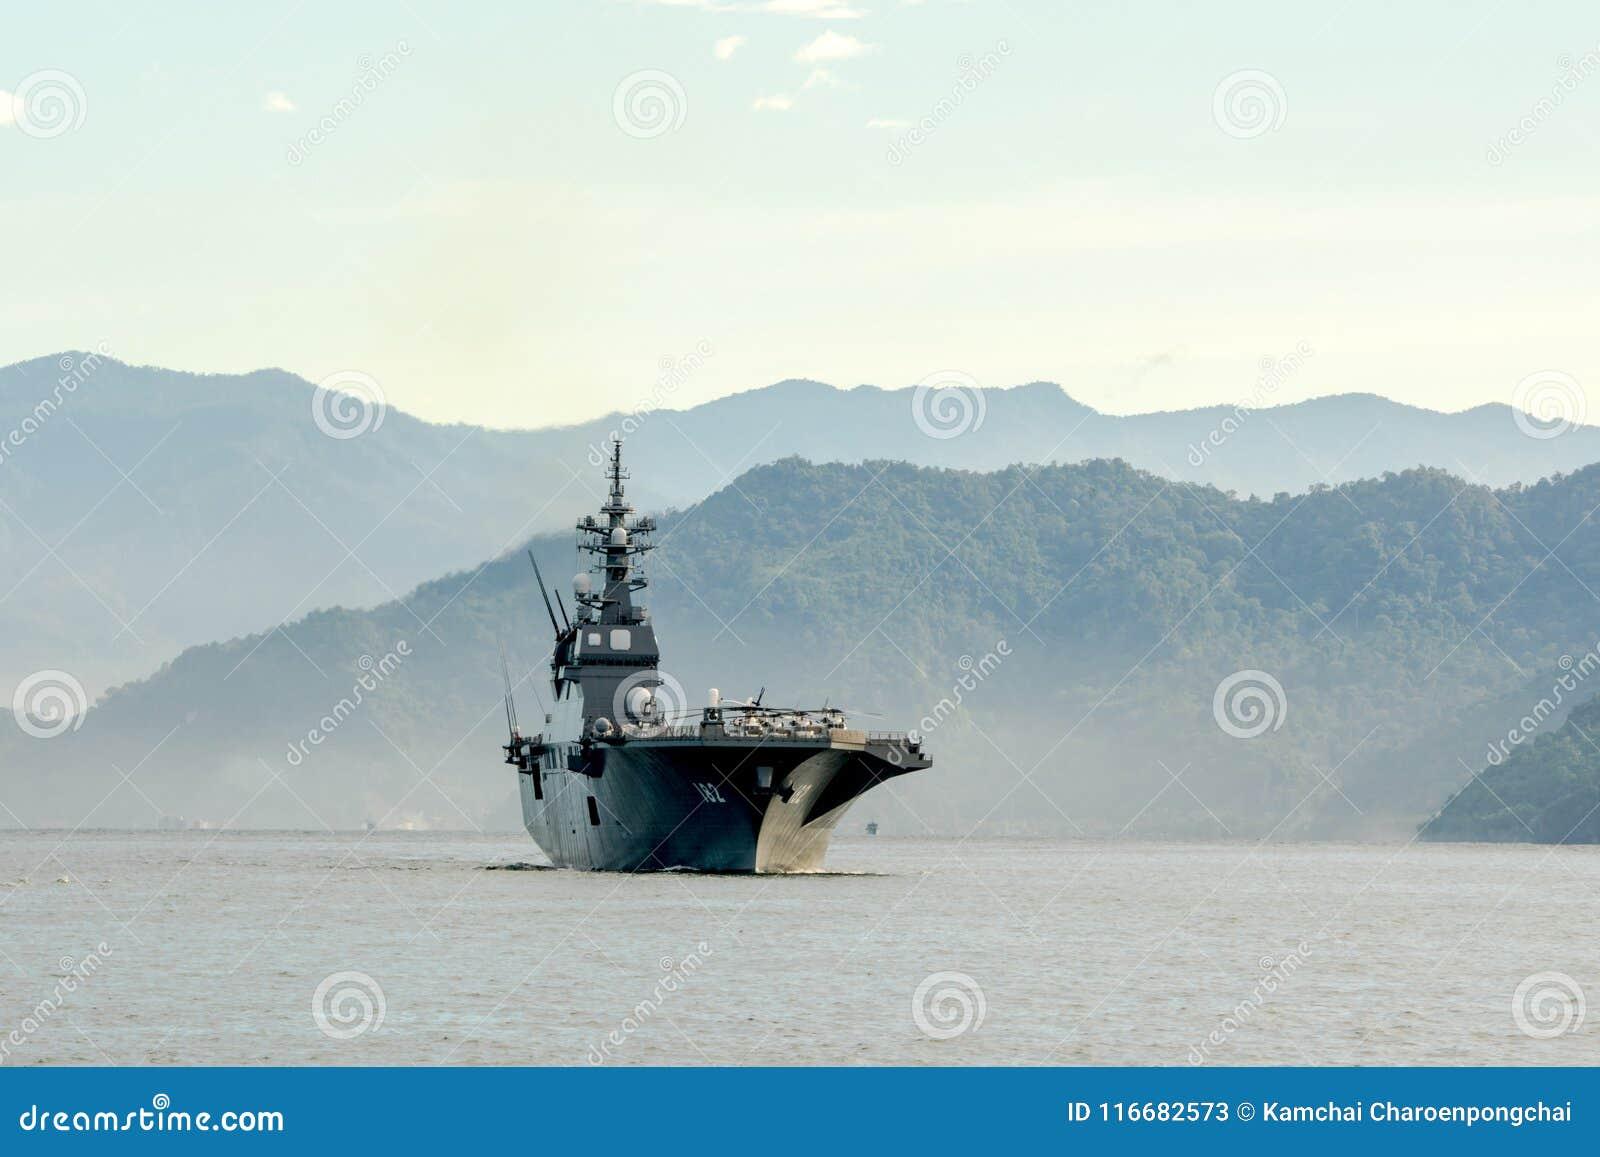 JS Ise, distruttore classe Hyuga dell elicottero della forza di autodifesa marittima del Giappone naviga nel porto di Padang